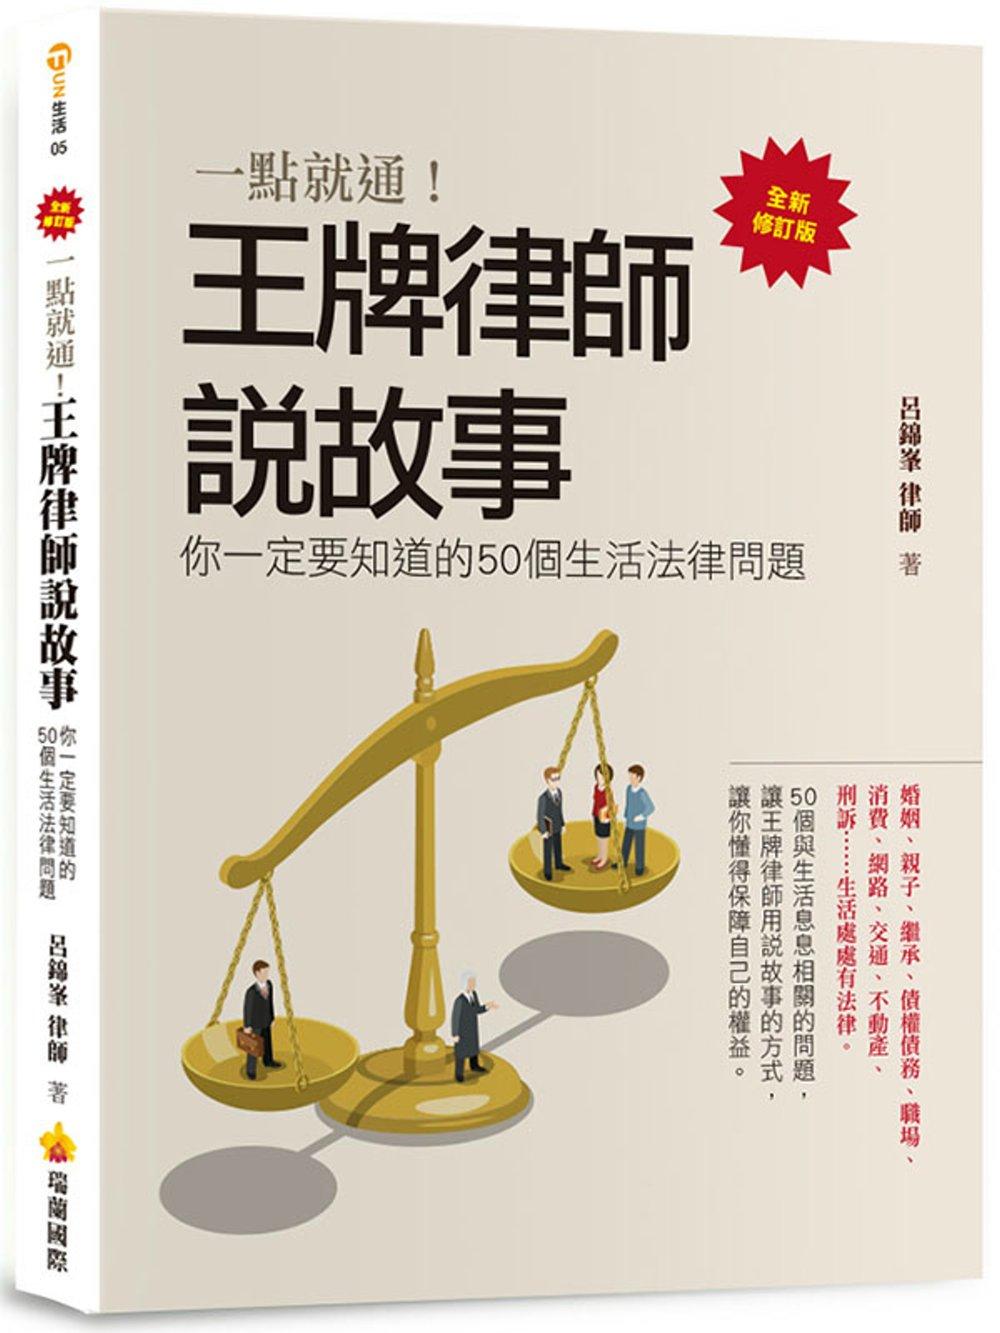 一點就通!王牌律師說故事,你一定要知道的50個生活法律問題(全新修訂版)